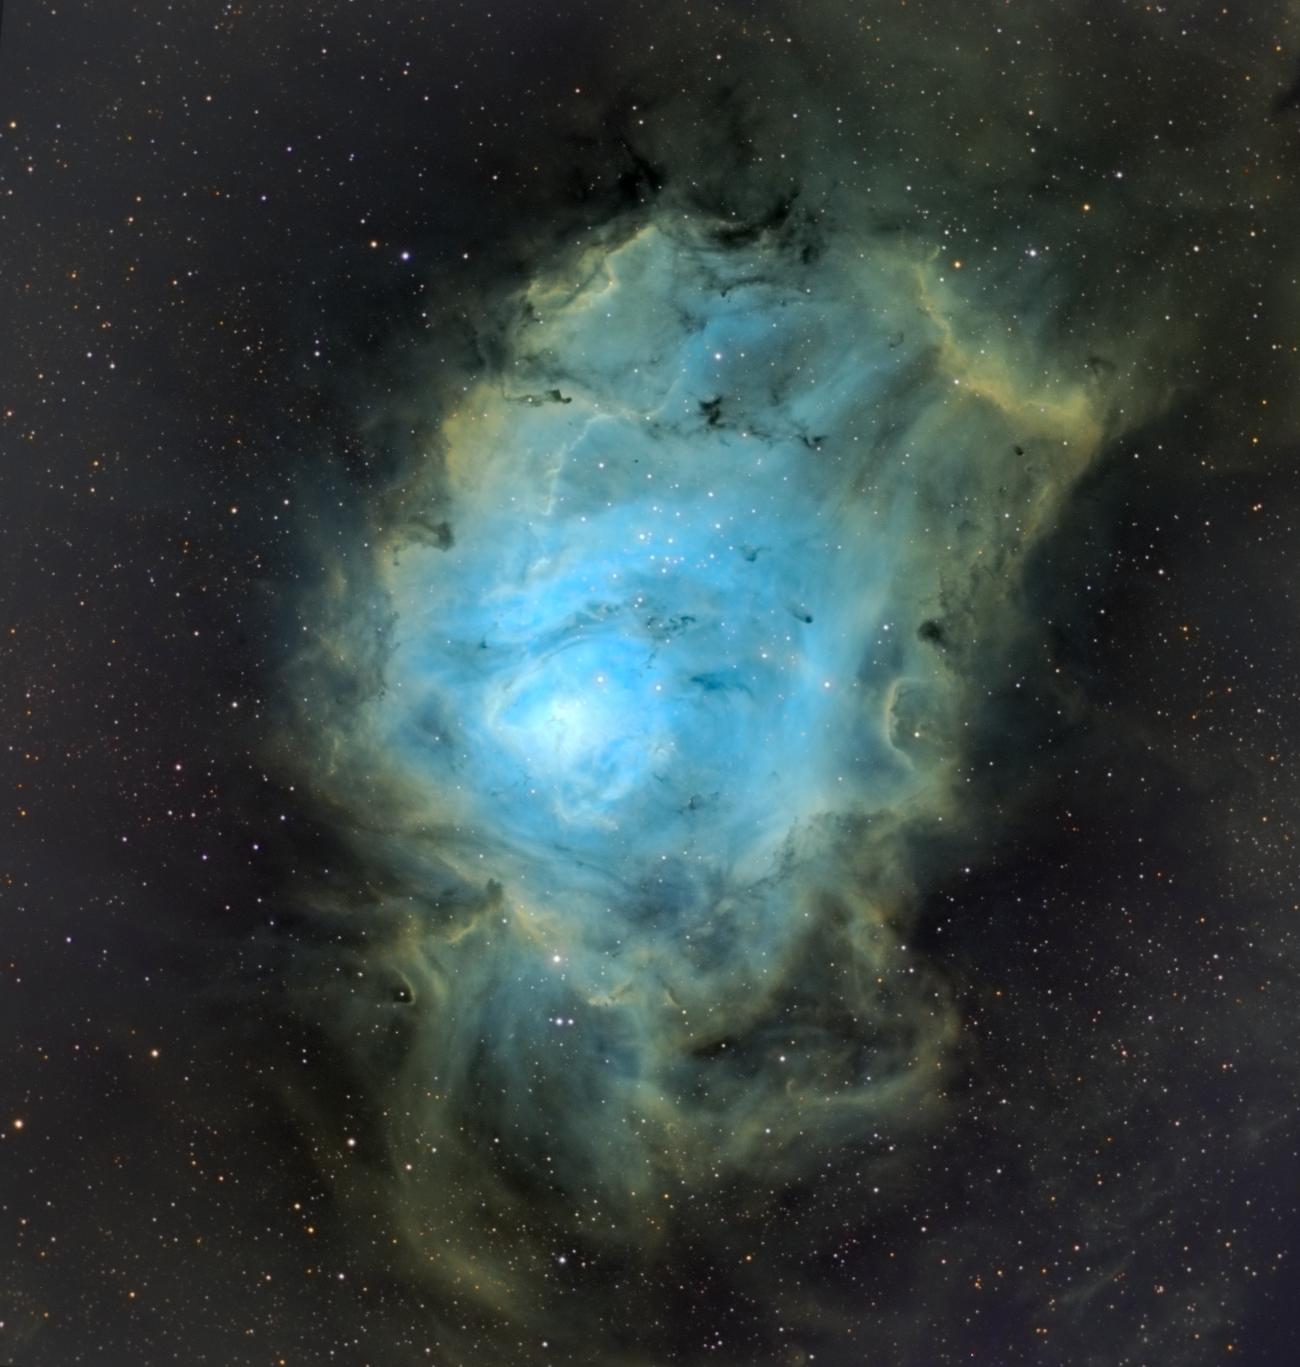 La nébuleuse de la Lagune M8